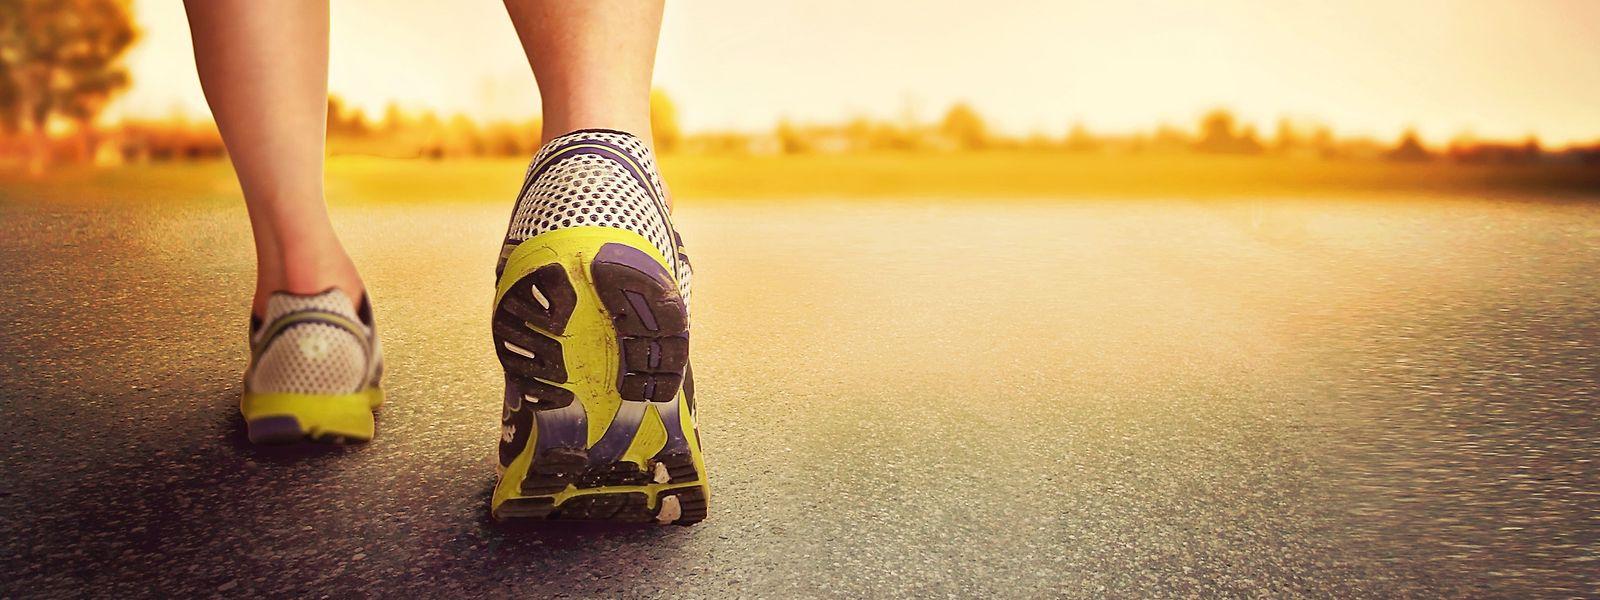 Au total, pour l'étude, les participants auront couru plus de 220.000 kilomètres sur tapis roulants, chemins et routes.